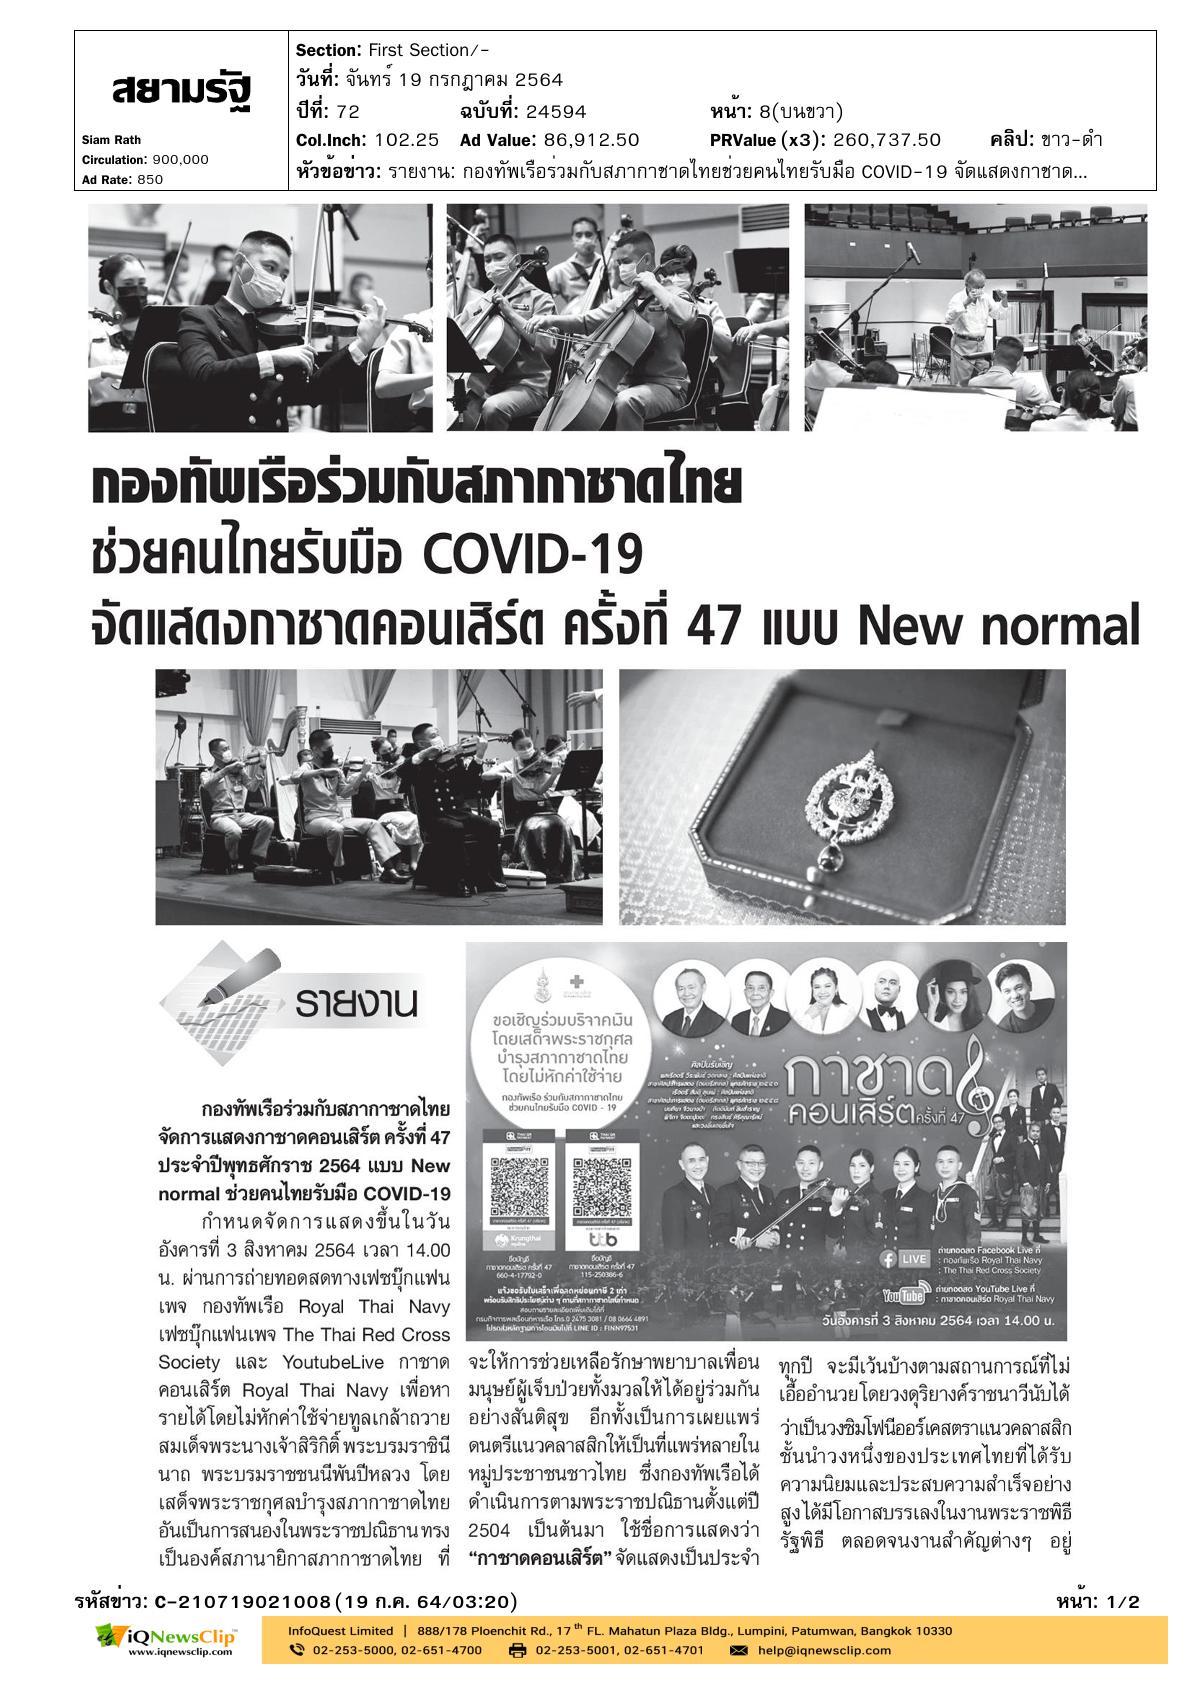 สภากาชาดไทย จัดการแสดงกาชาดคอนเสิร์ต  ครั้งที่ 47 ประจำปี 2564 (แบบ New Normal)